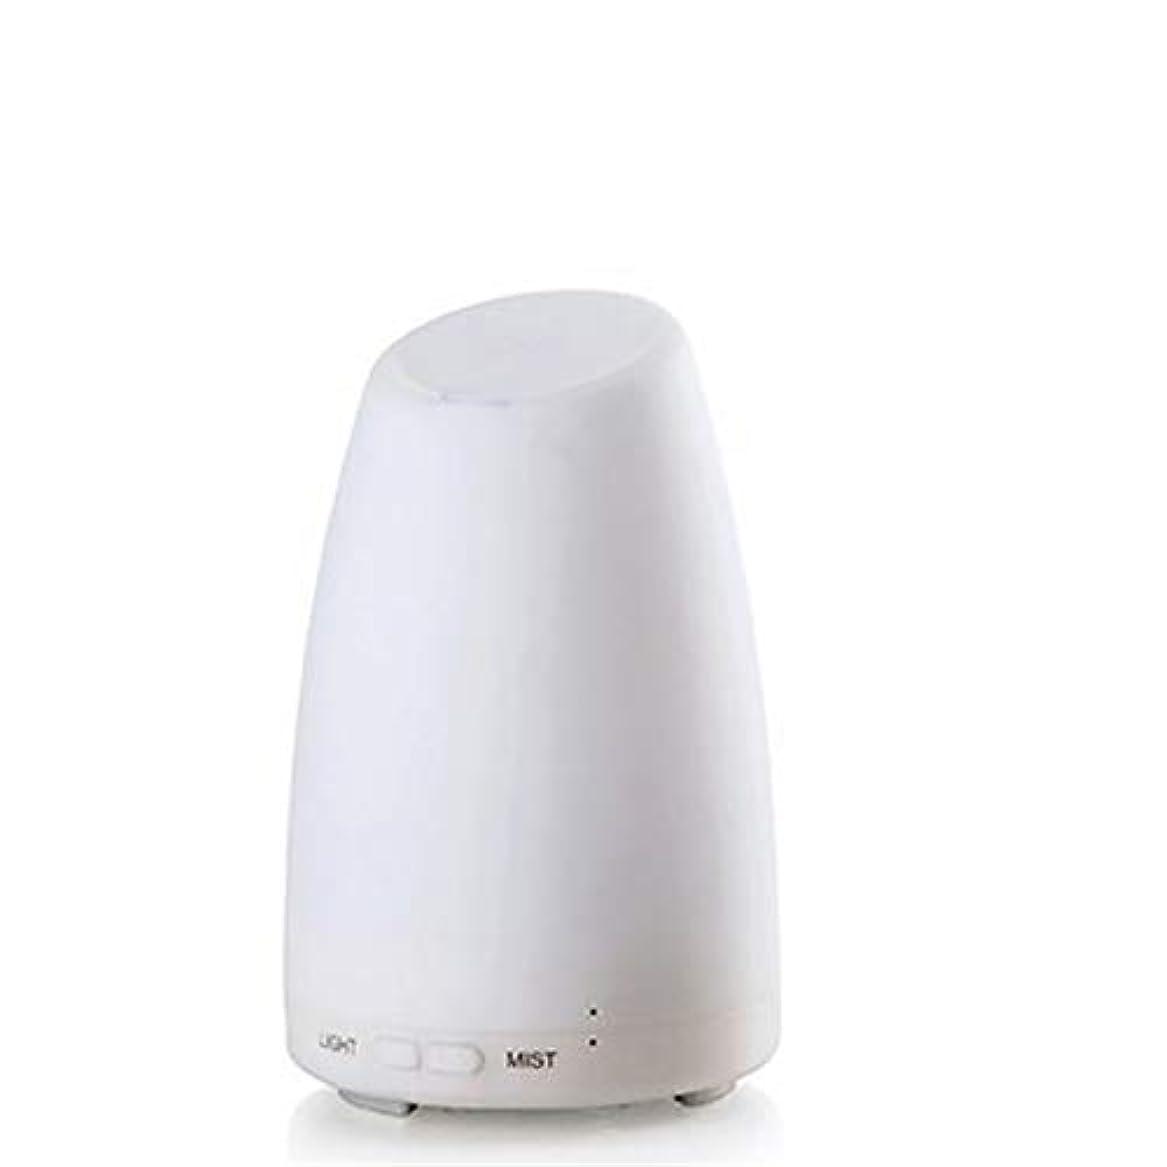 怖いムス省略するエッセンシャルオイルディフューザー、霧コントロール4h 使用、低水自動シャットダウン、7種類の LED ライト、家庭、オフィス、寝室、家族のベビールームとの超音波 100 ml アロマディフューザー